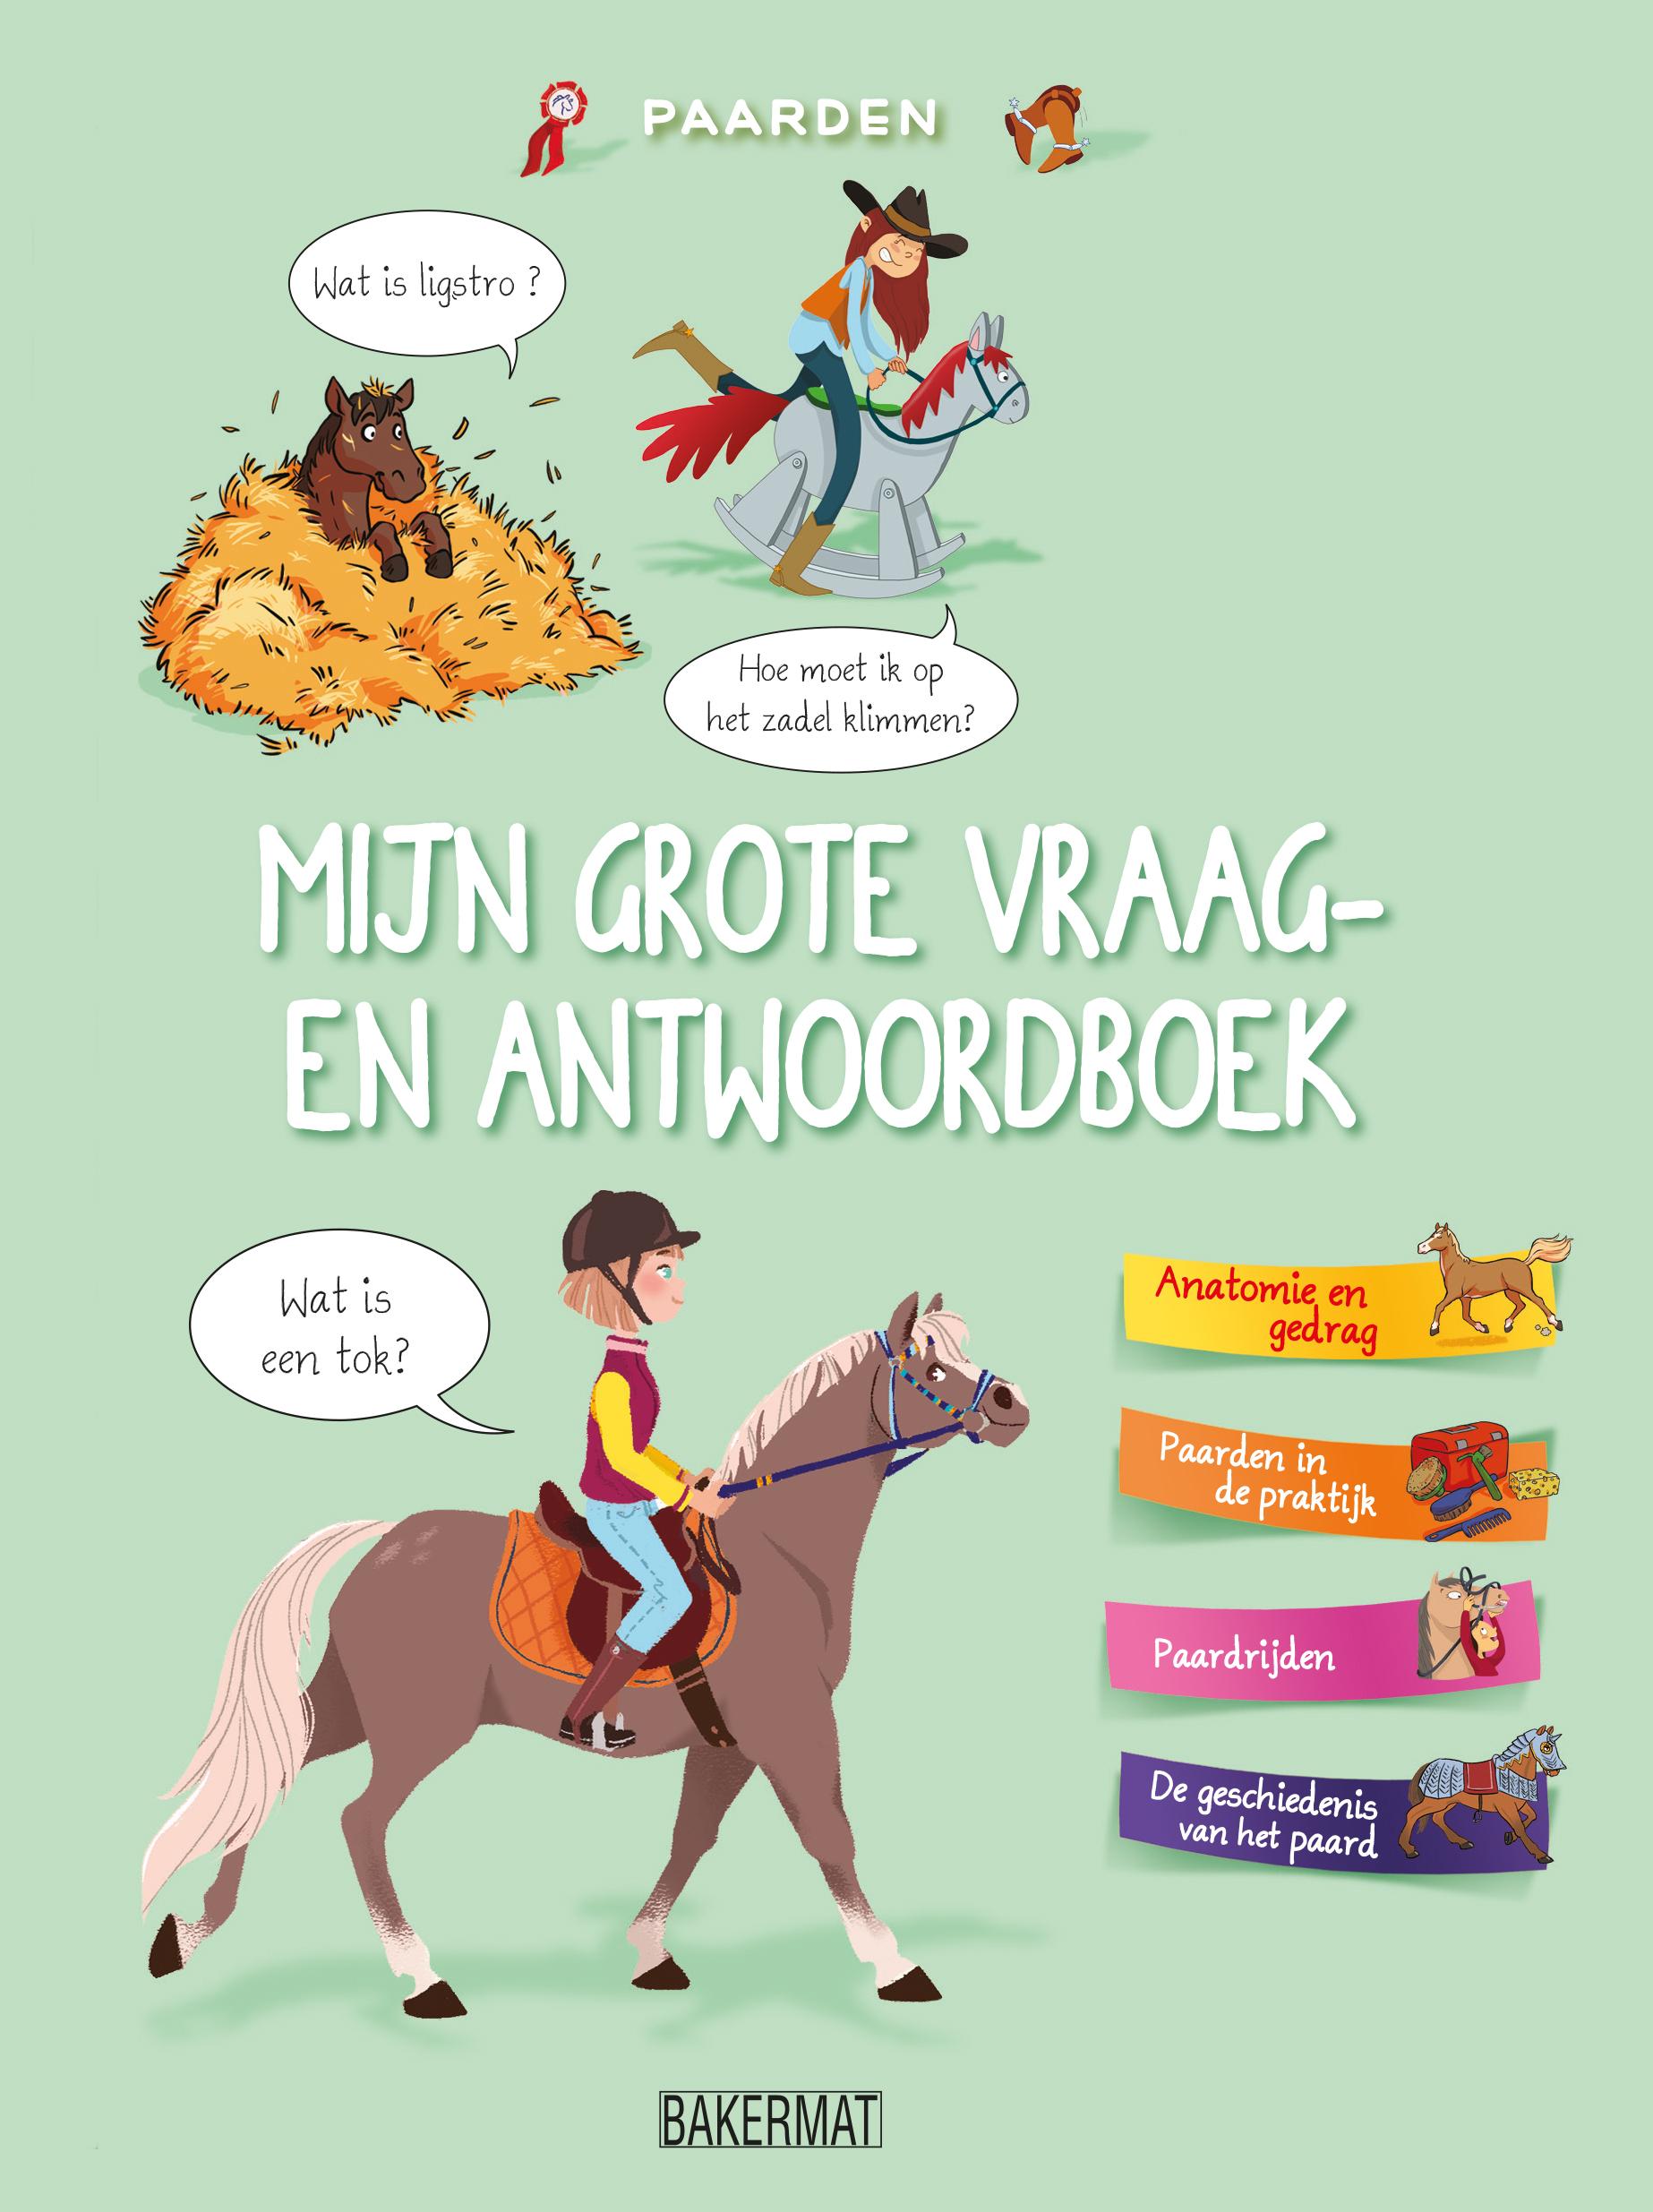 Mijn grote vraag- en antwoordenboek: Paarden